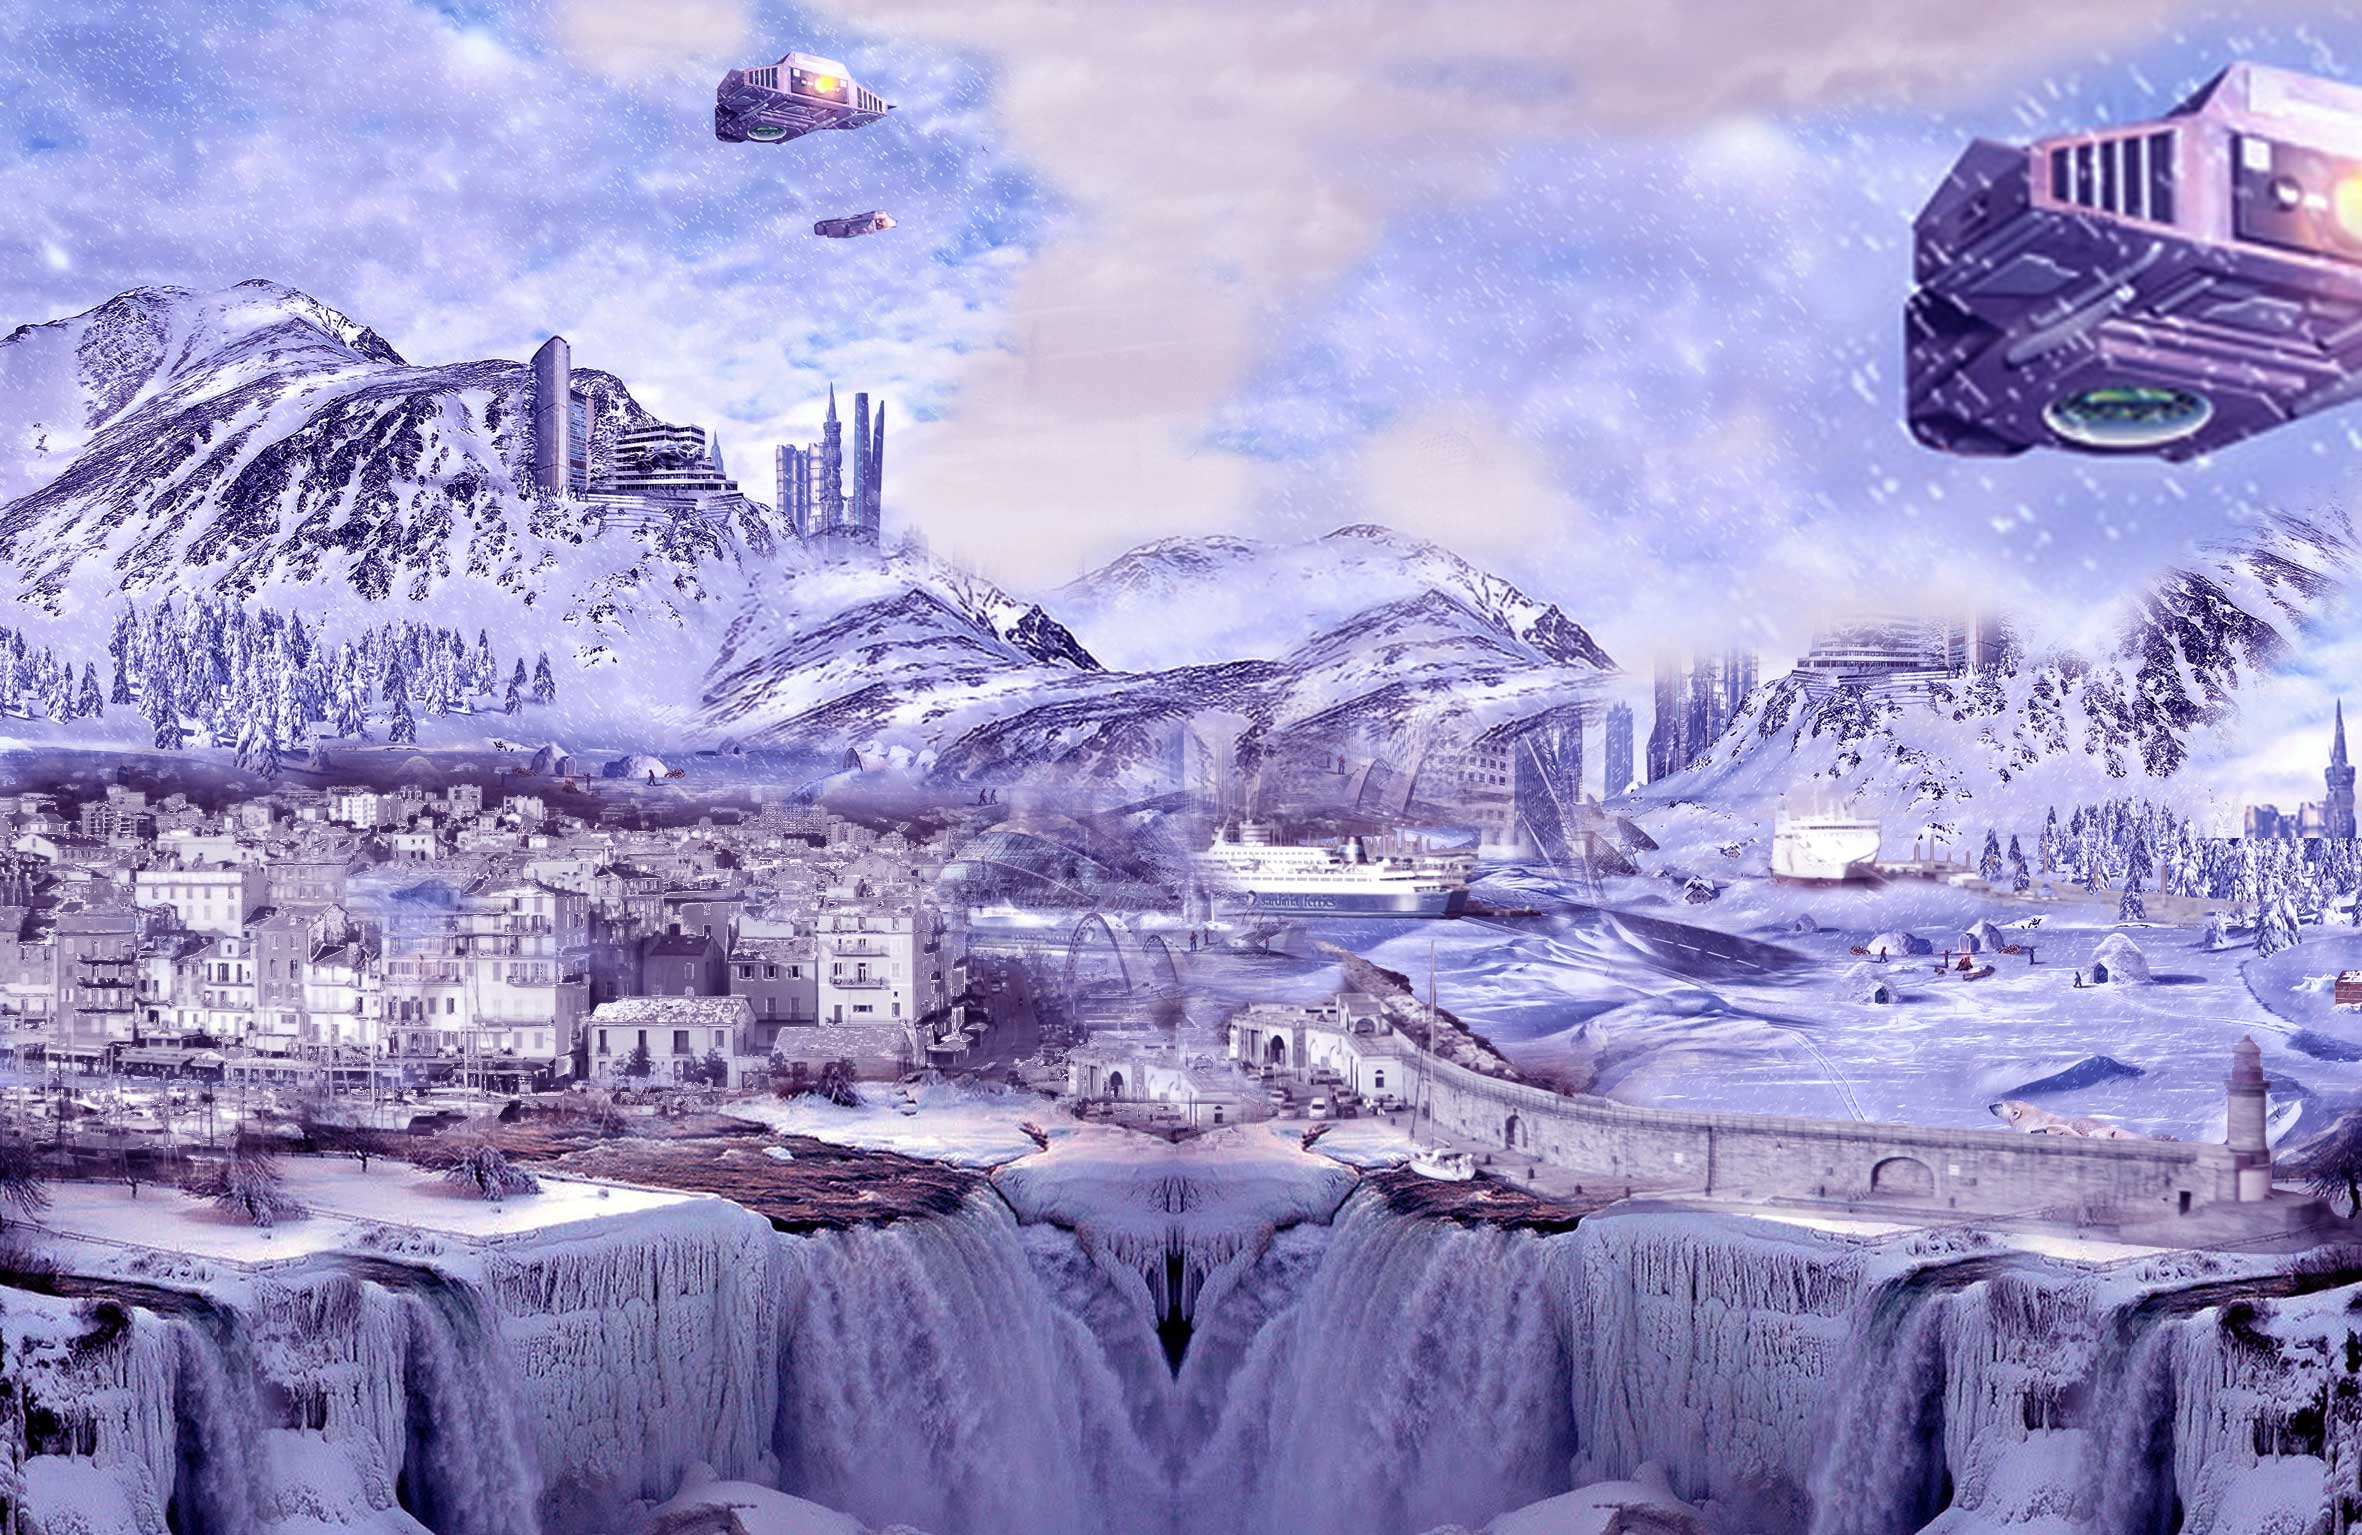 Celia Lopez - Matte painting réalisé sous Photoshop et Illustrator